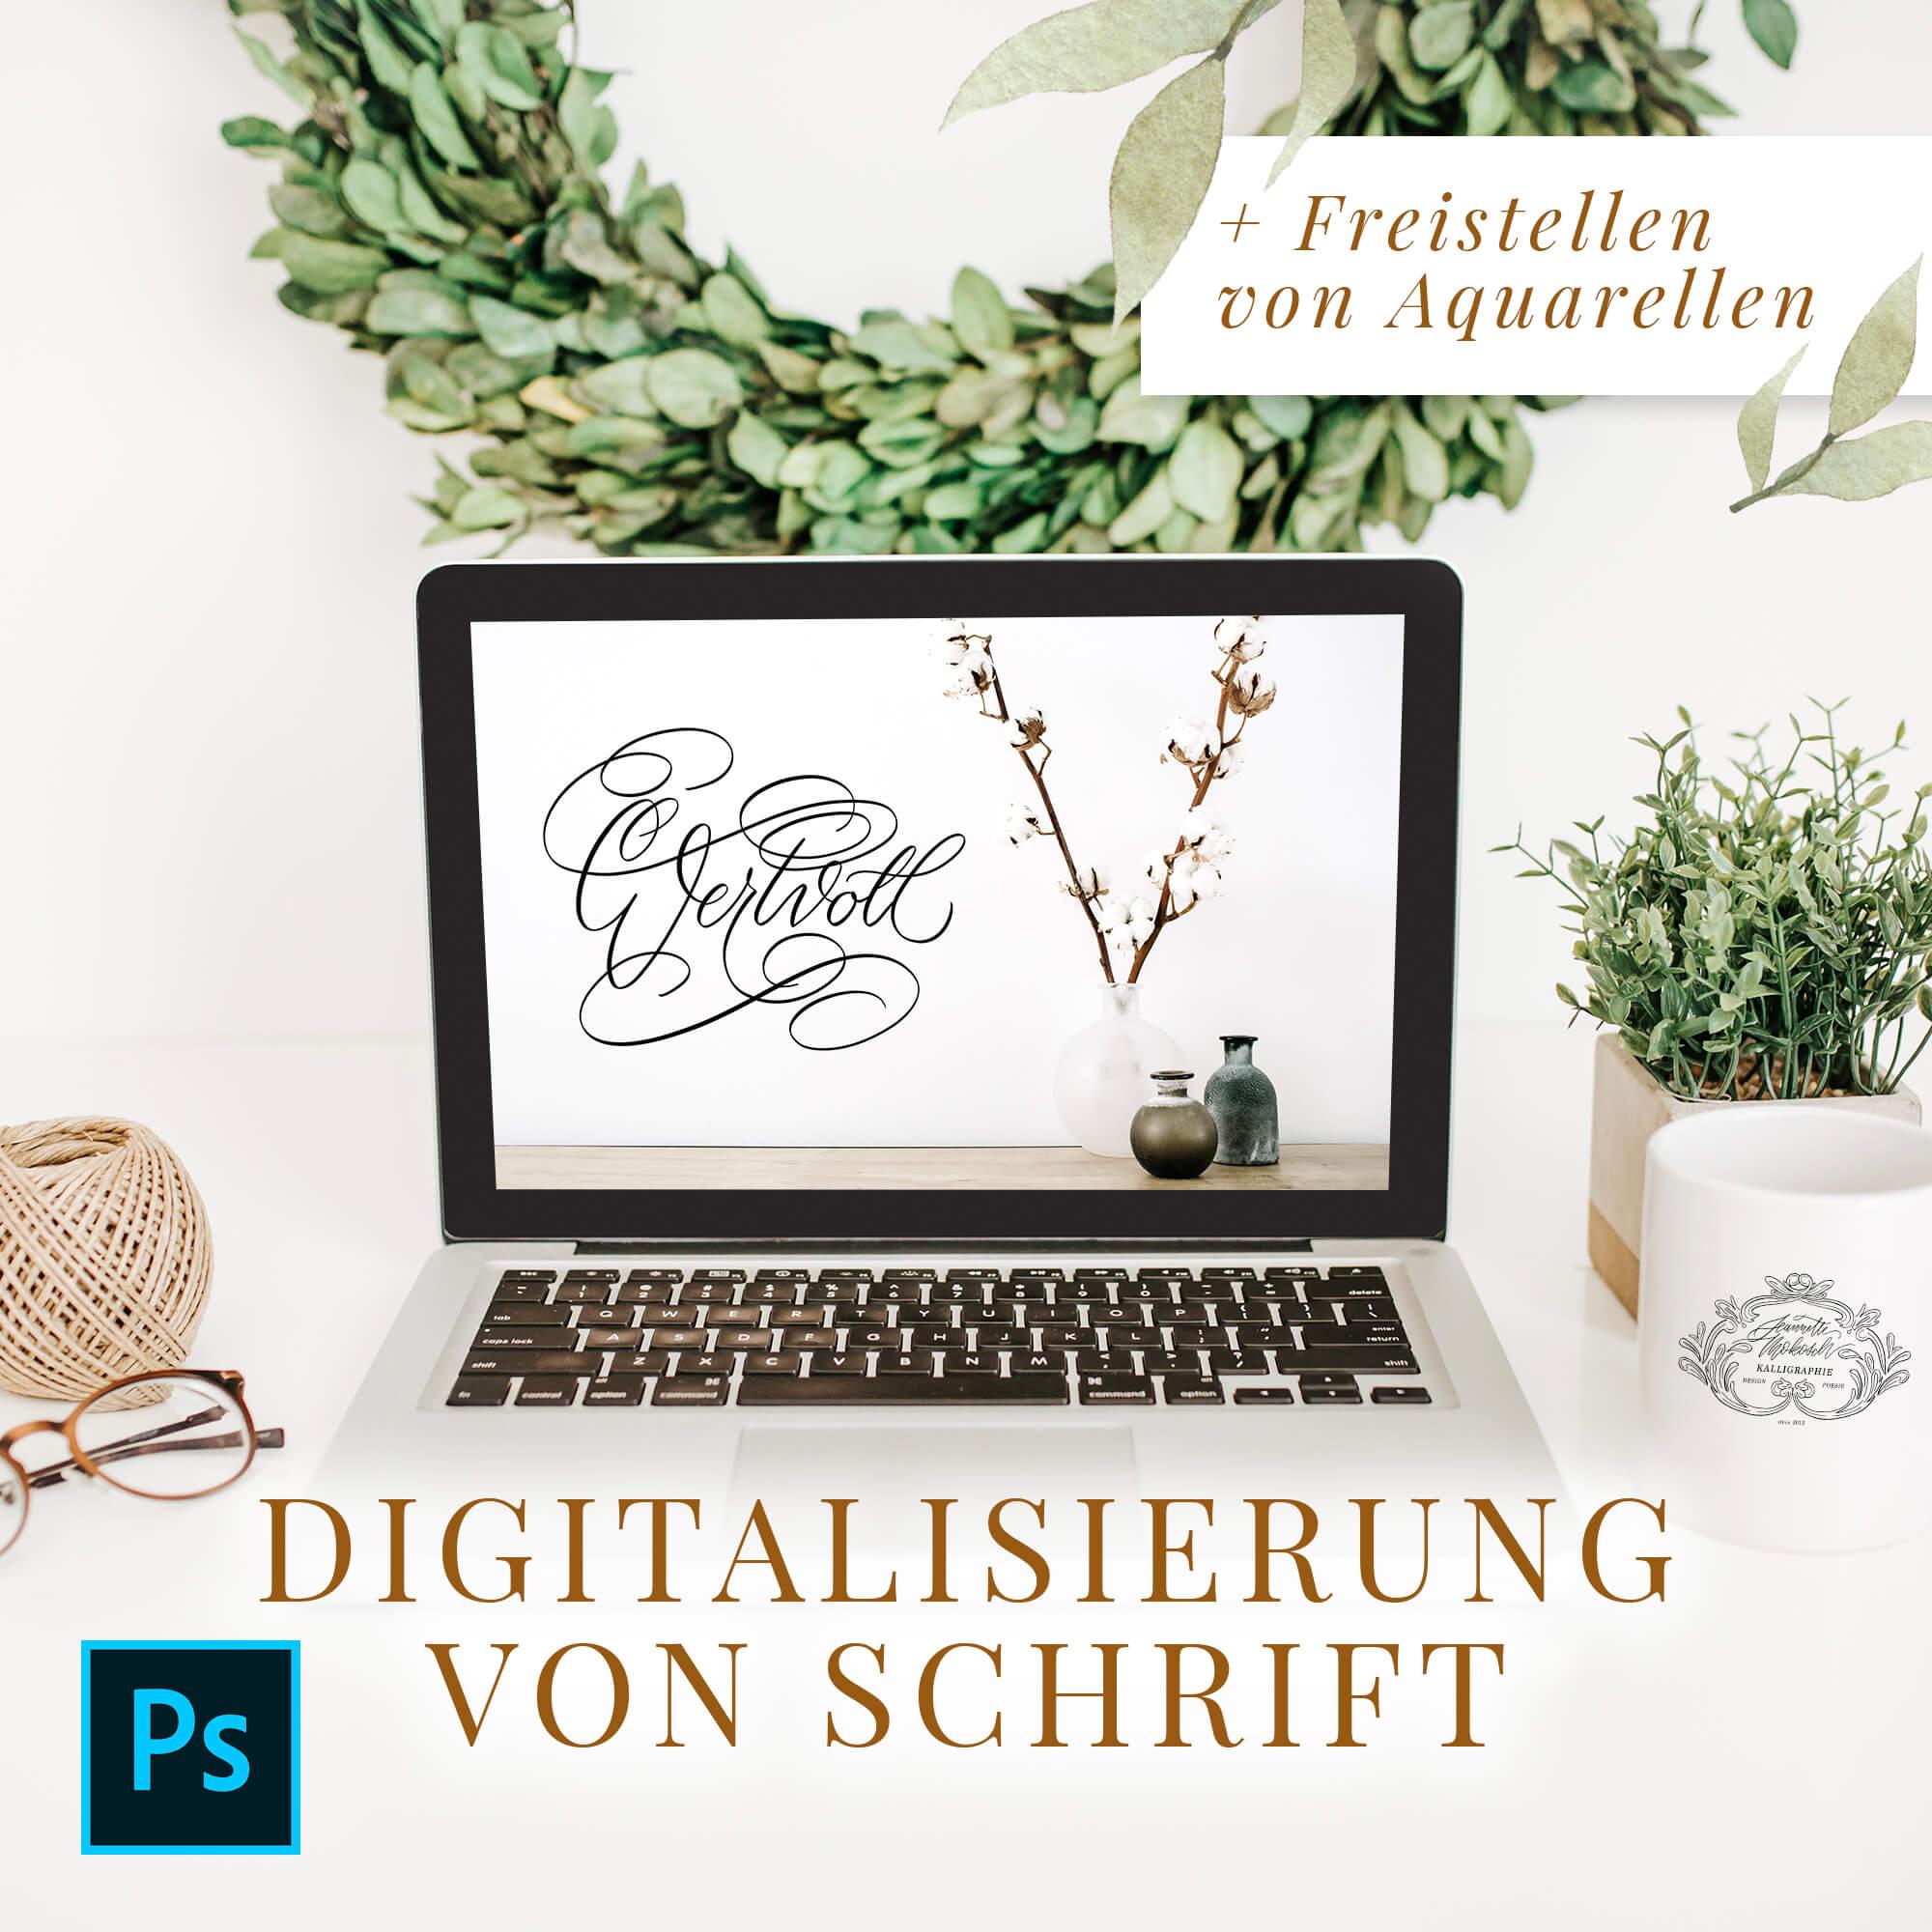 Photoshop Schrift freistellen Digitalisierung Aquarelle Kalligrafie Kalligraphie Hintergrund entfernen